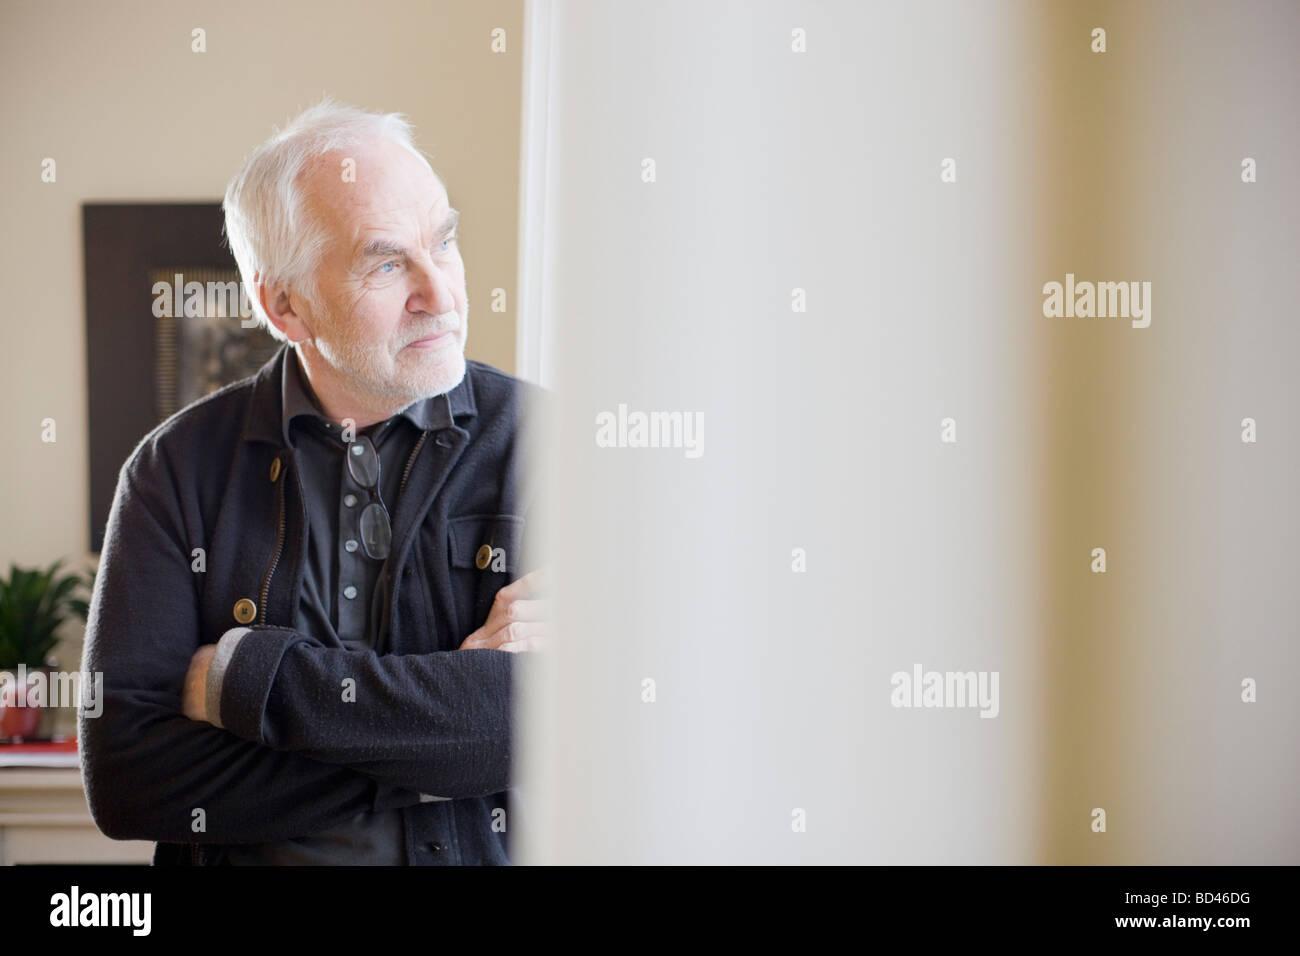 Vieil homme debout dans une salle Banque D'Images